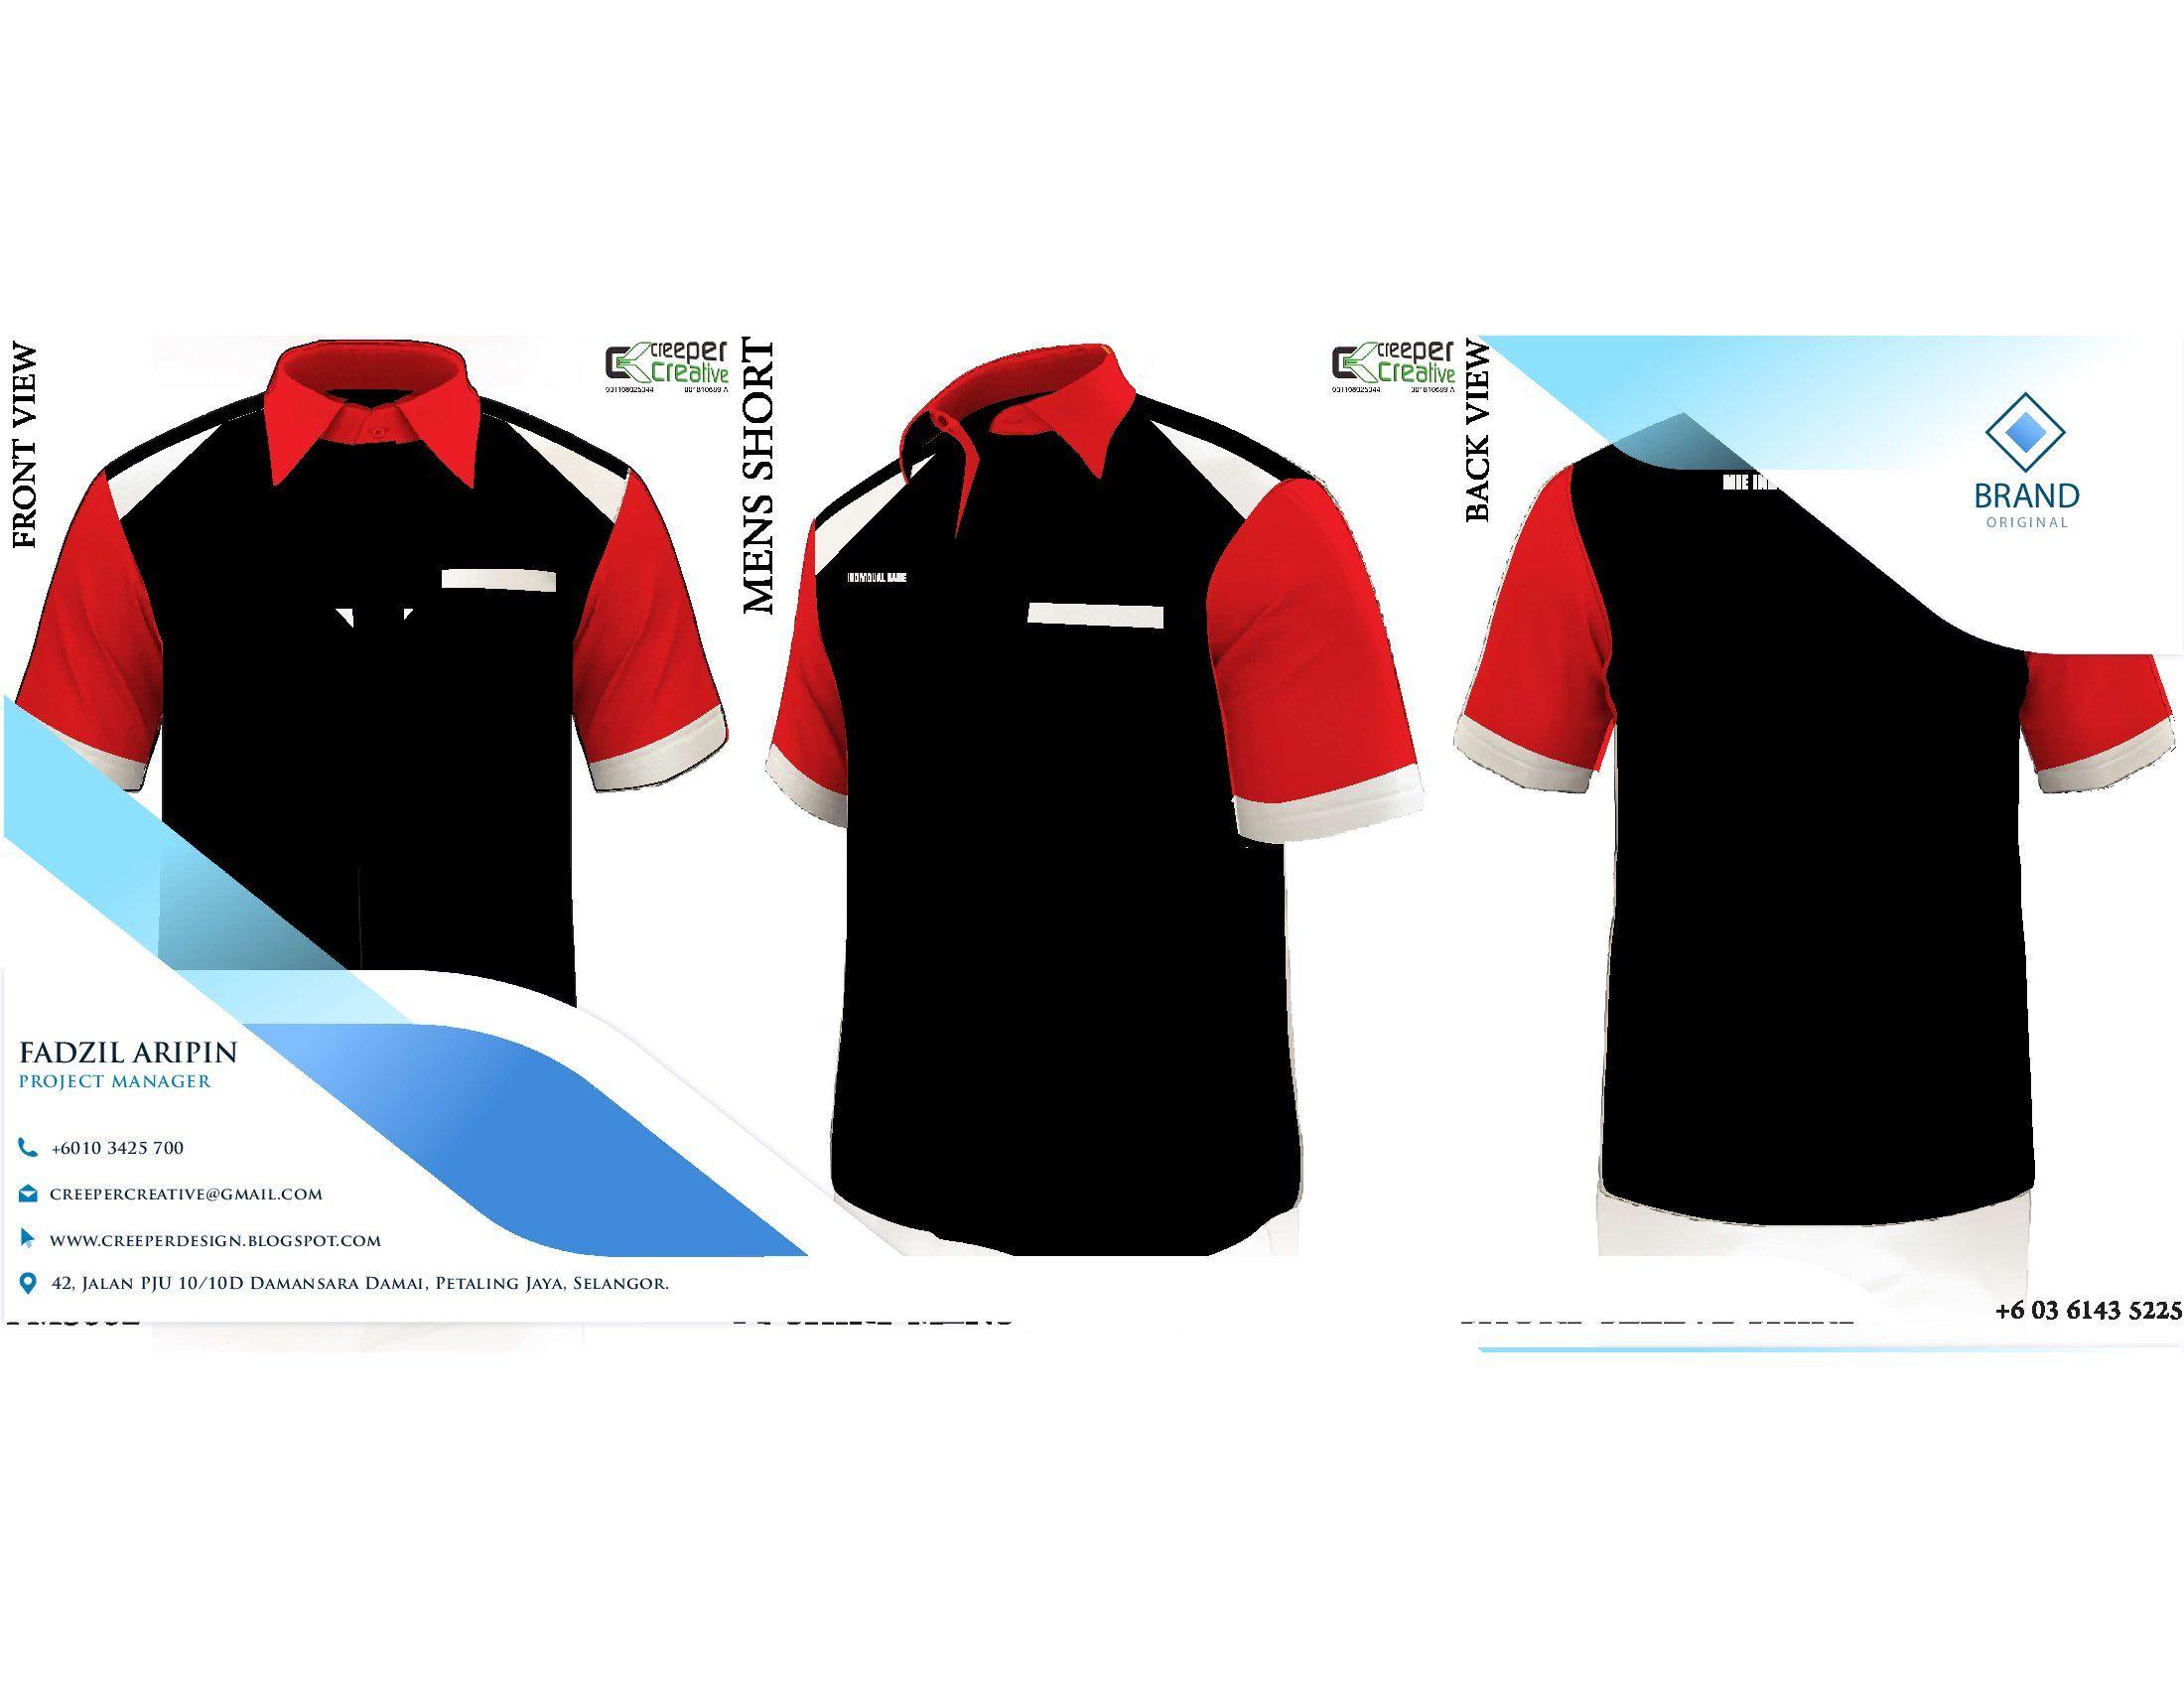 Fashionable Quality Cheap Uniform Tshirts Printing